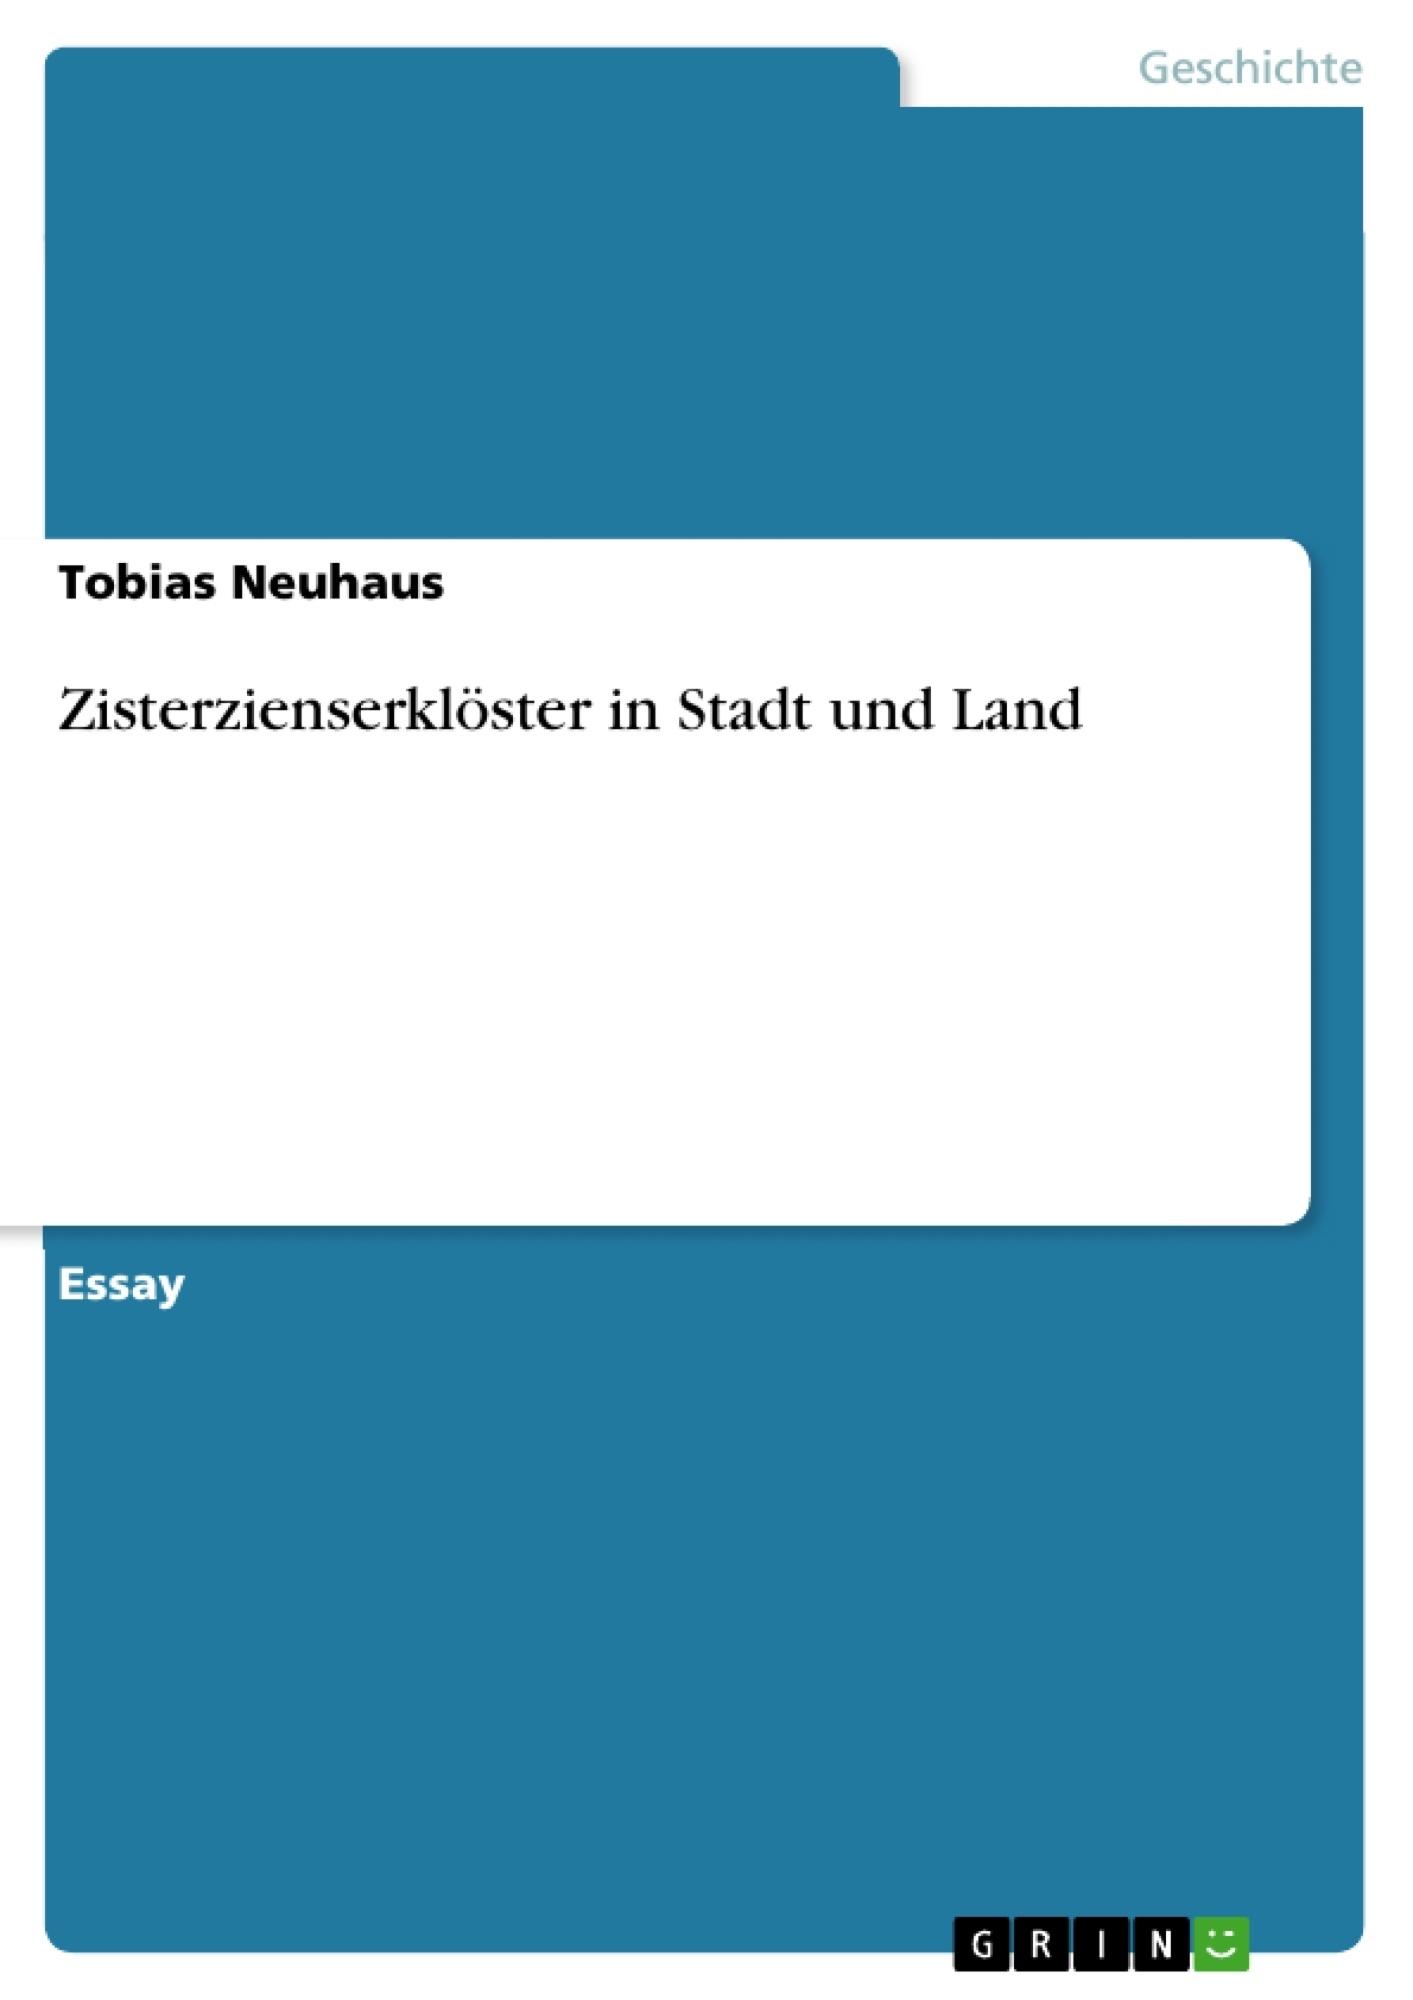 Titel: Zisterzienserklöster in Stadt und Land